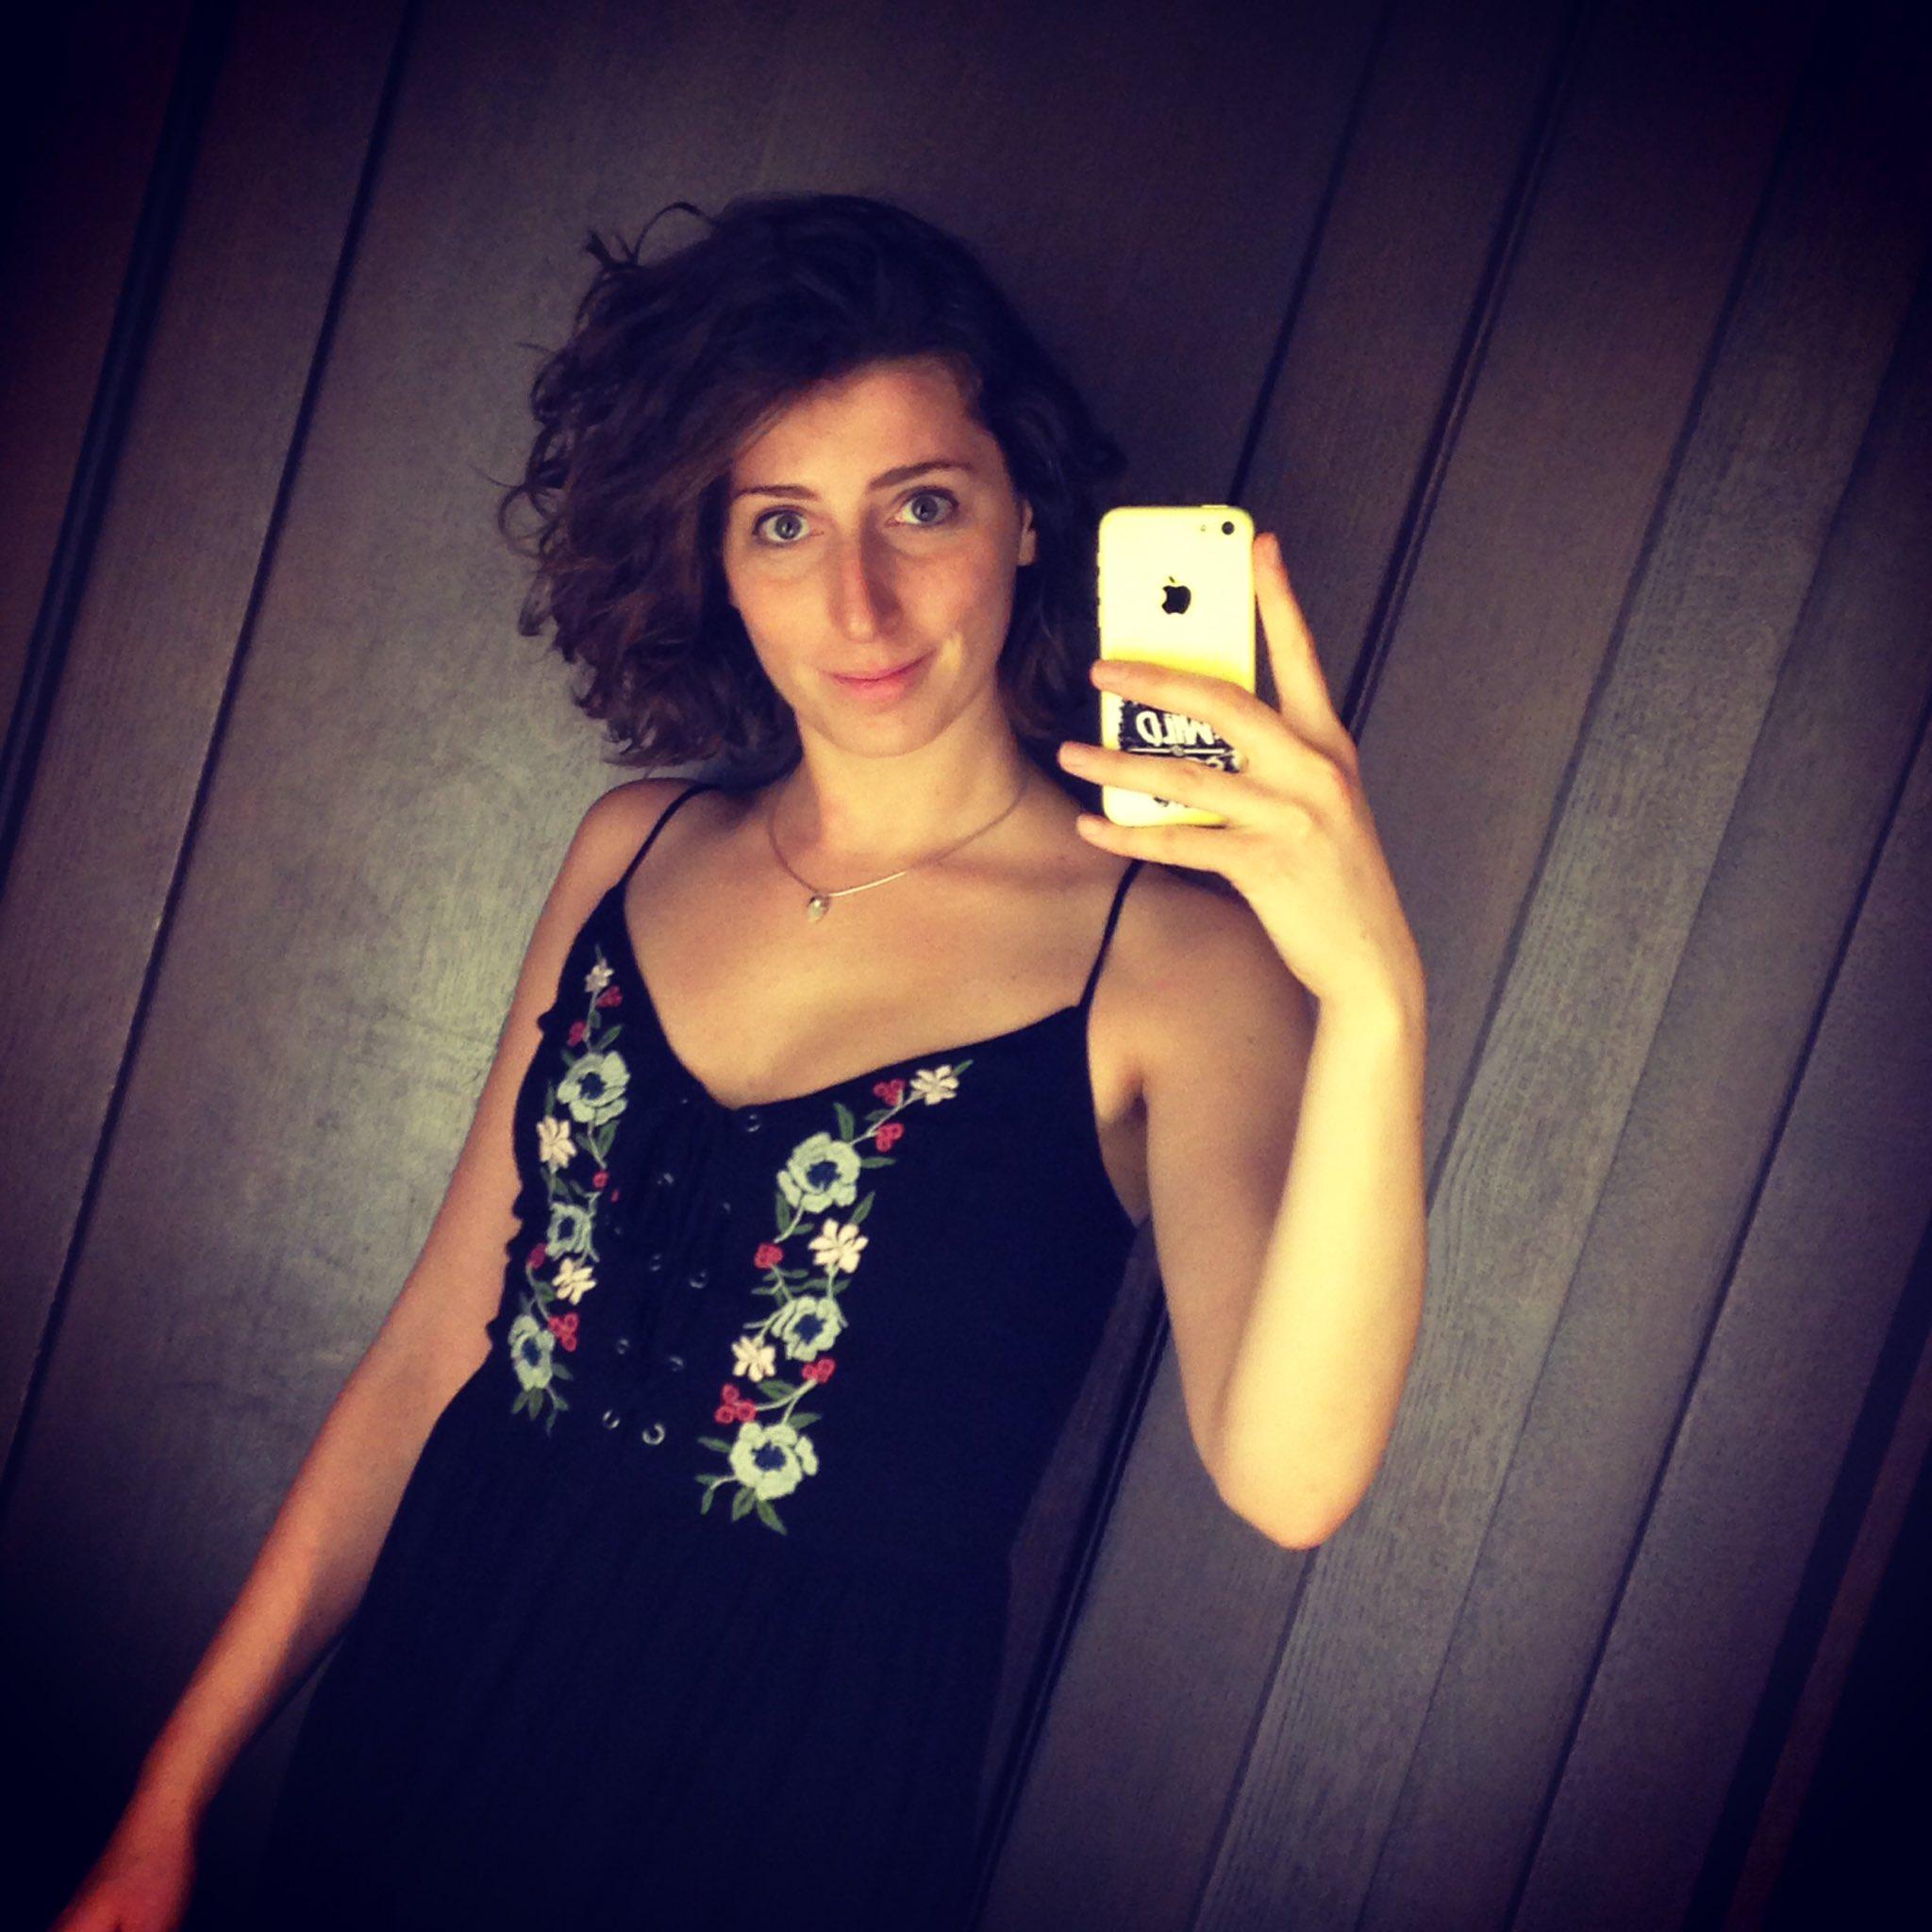 soфia on Twitter: Und so probierte ich ein Kleid an. In